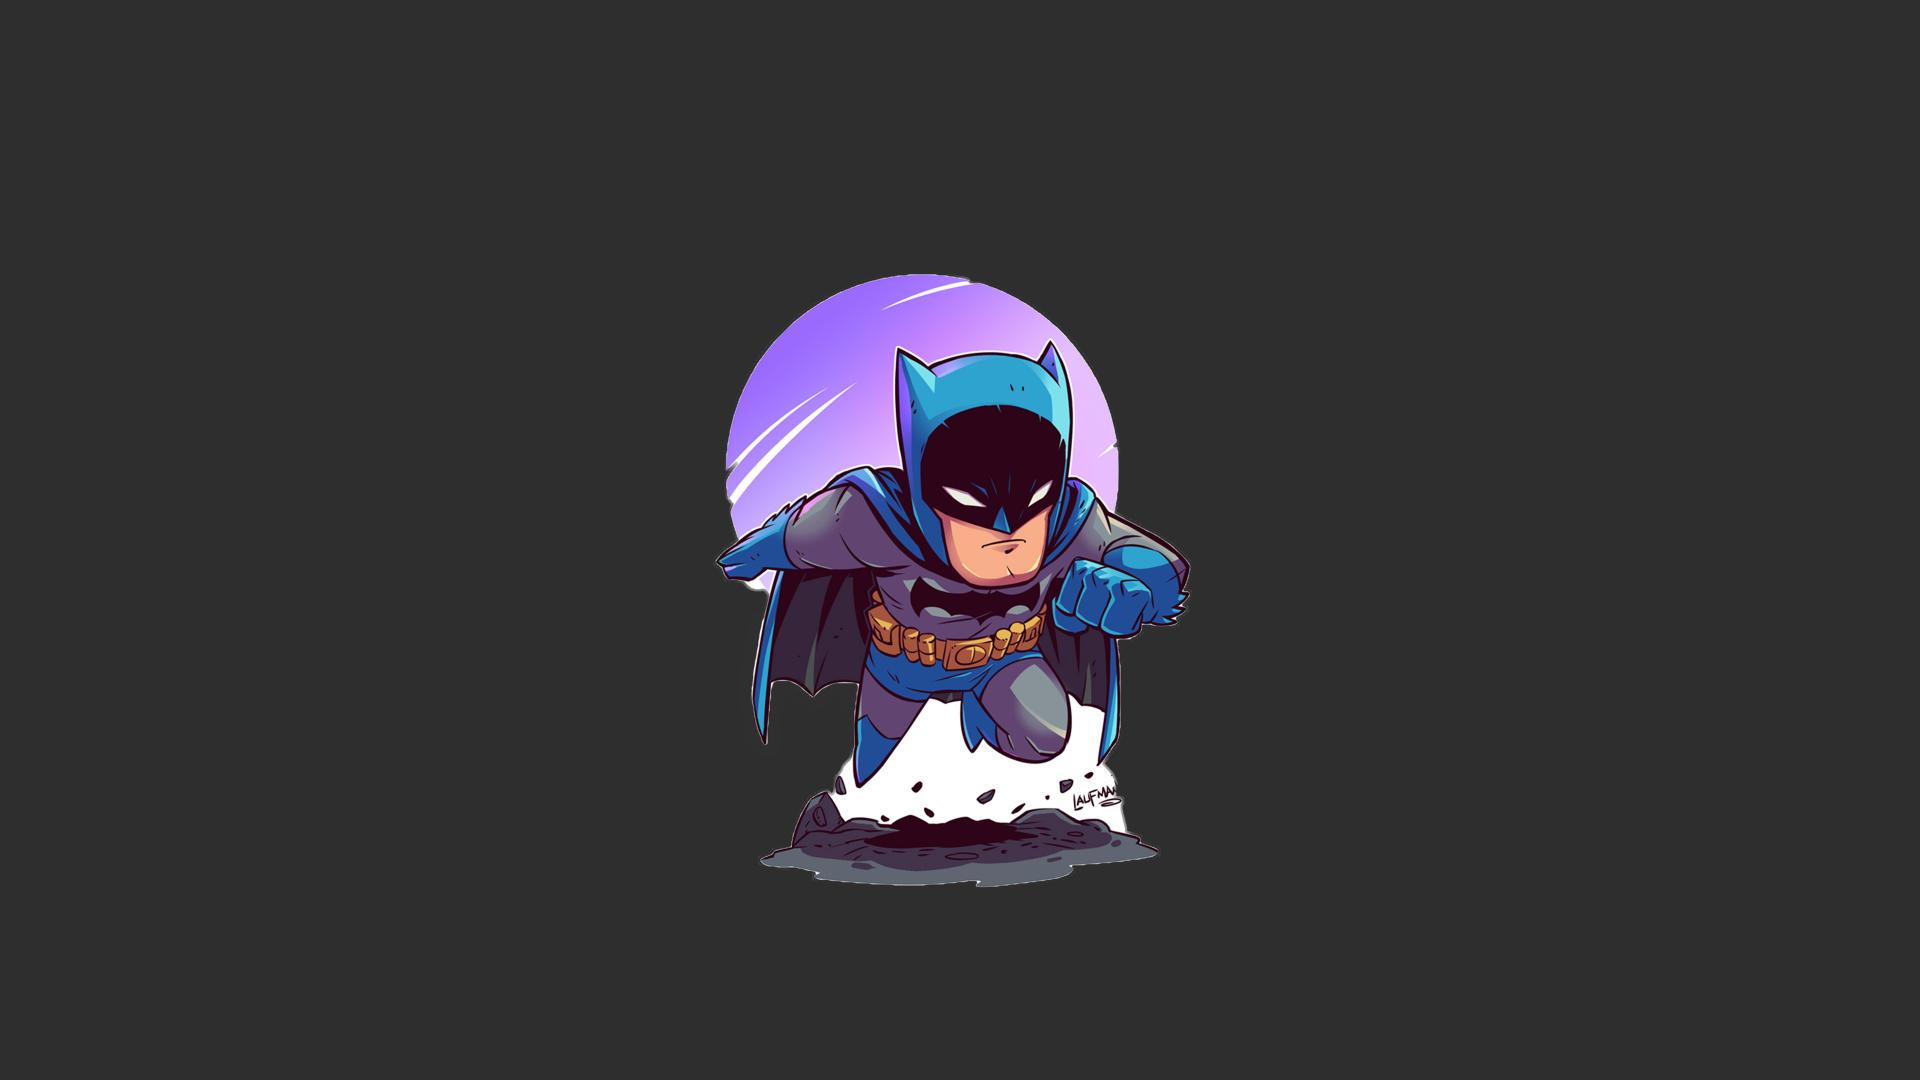 Download 1920x1080 Wallpaper Batman Minimalist Full Hd Hdtv Fhd